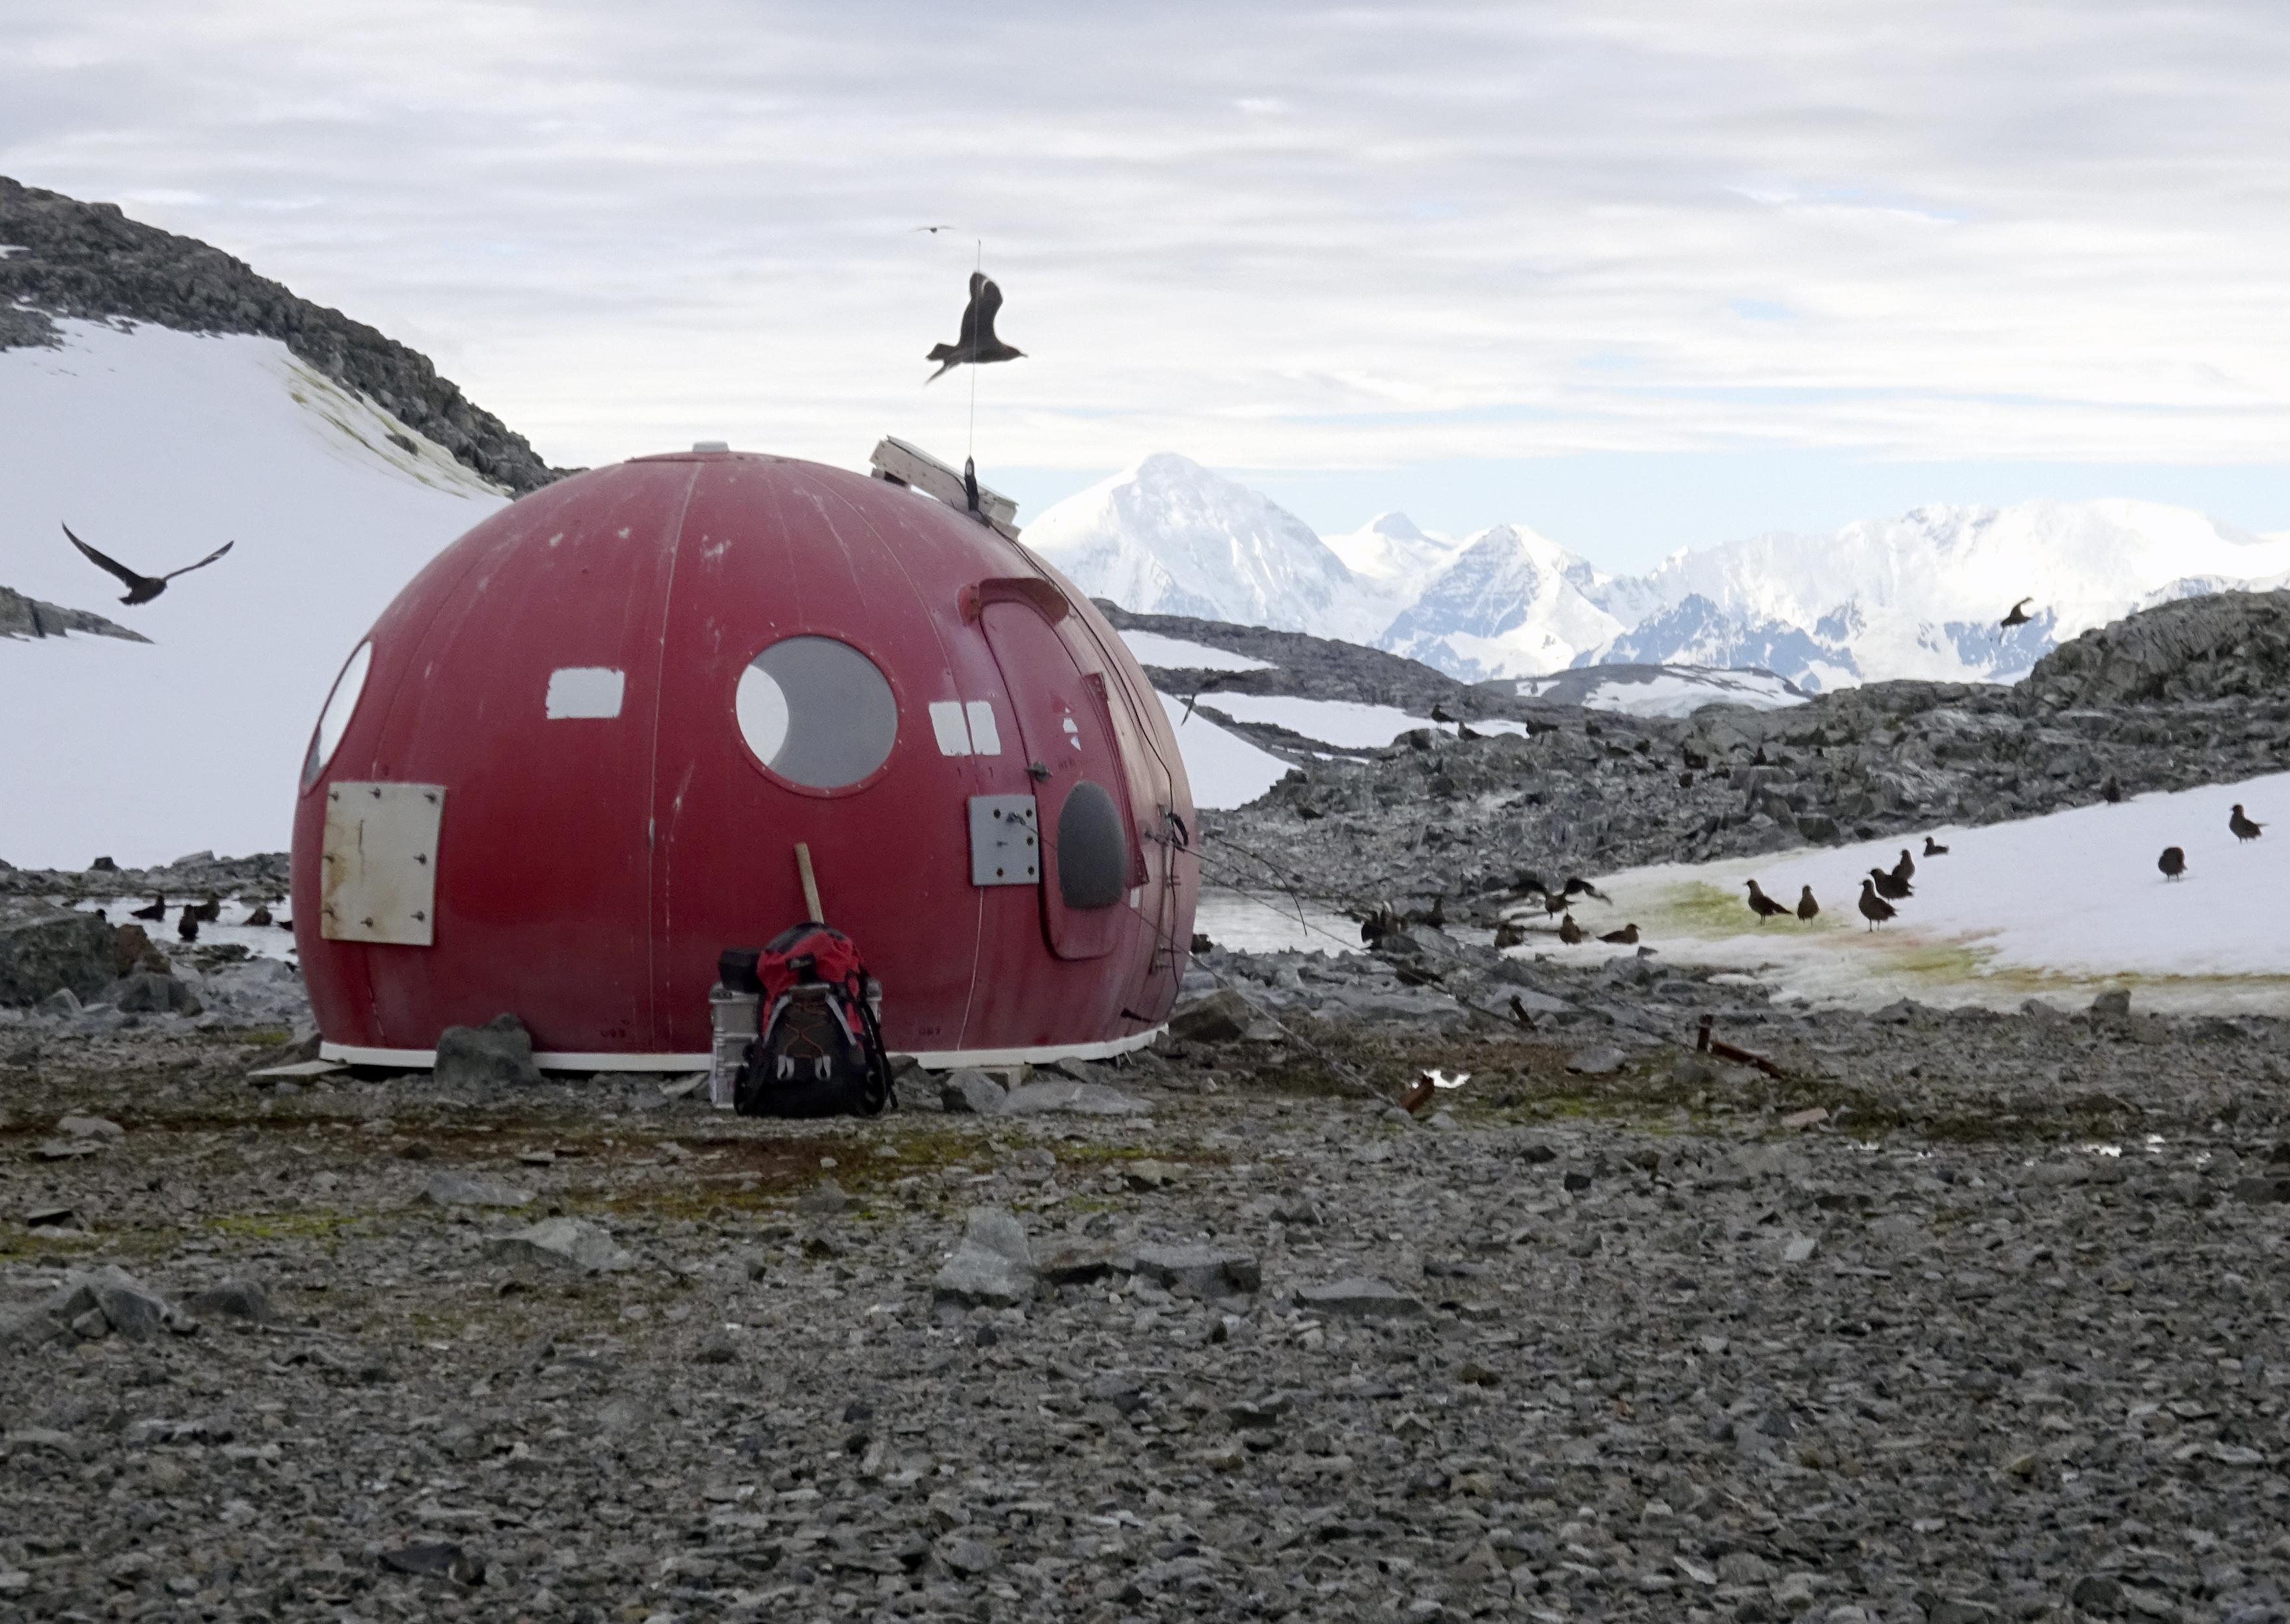 Foto del folleto tomada en 2018 y publicada por la Universidad de Cambridge el 20 de mayo de 2020 que muestra una cápsula de supervivencia en la isla de Anchorage, en la Antártida. (AFP PHOTO / Dr Matt Davey - Universidad de Cambridge / SAMS)